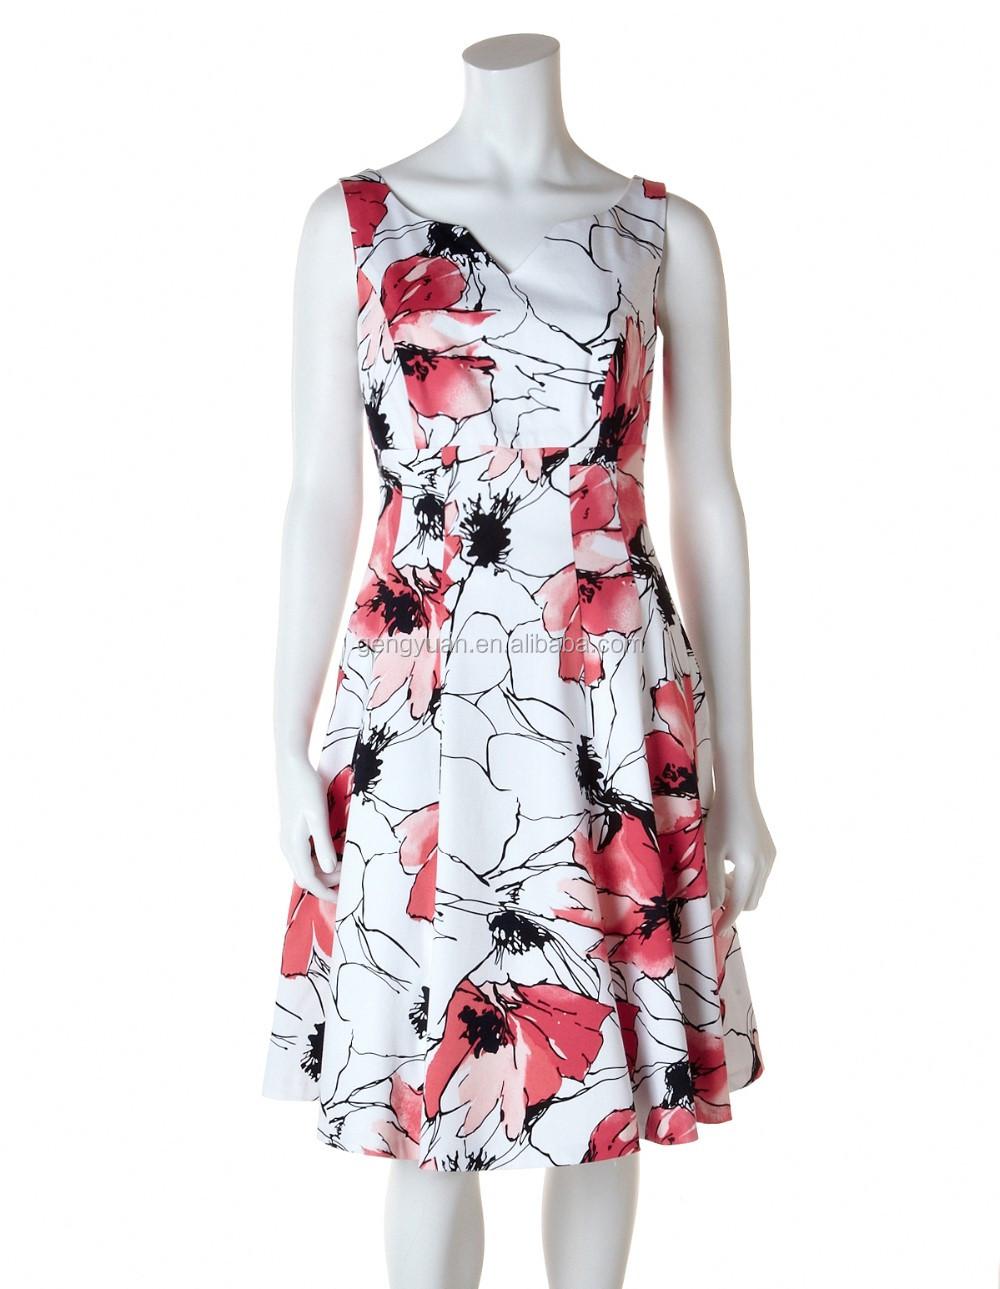 532153b8da8 China Dress Made